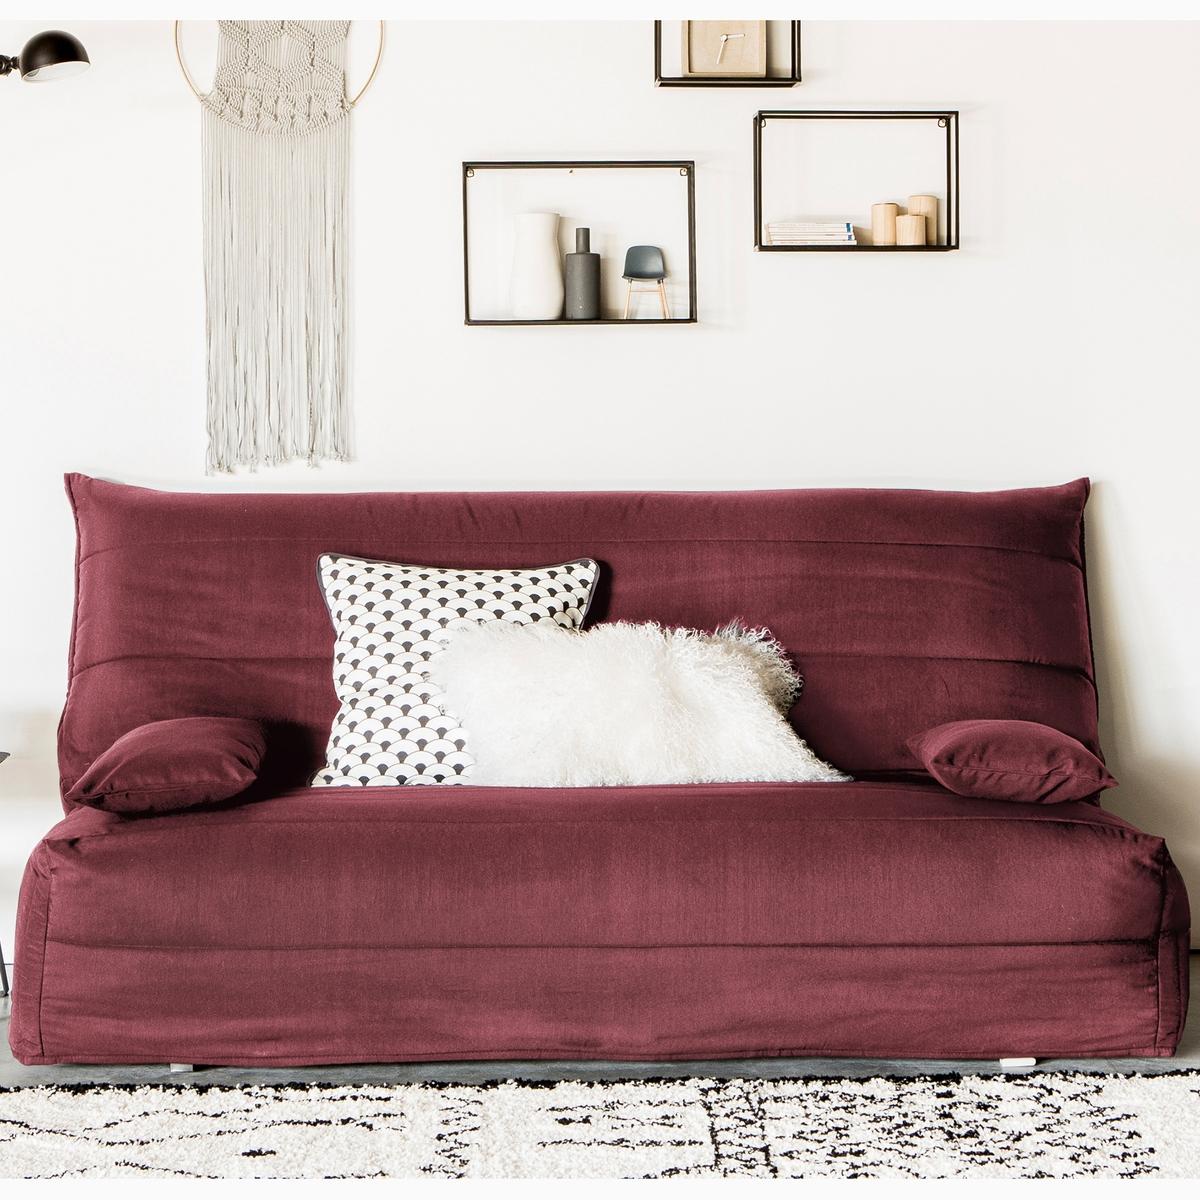 Чехол La Redoute Стеганый из поликоттона для дивана-аккордеона 140 см красный